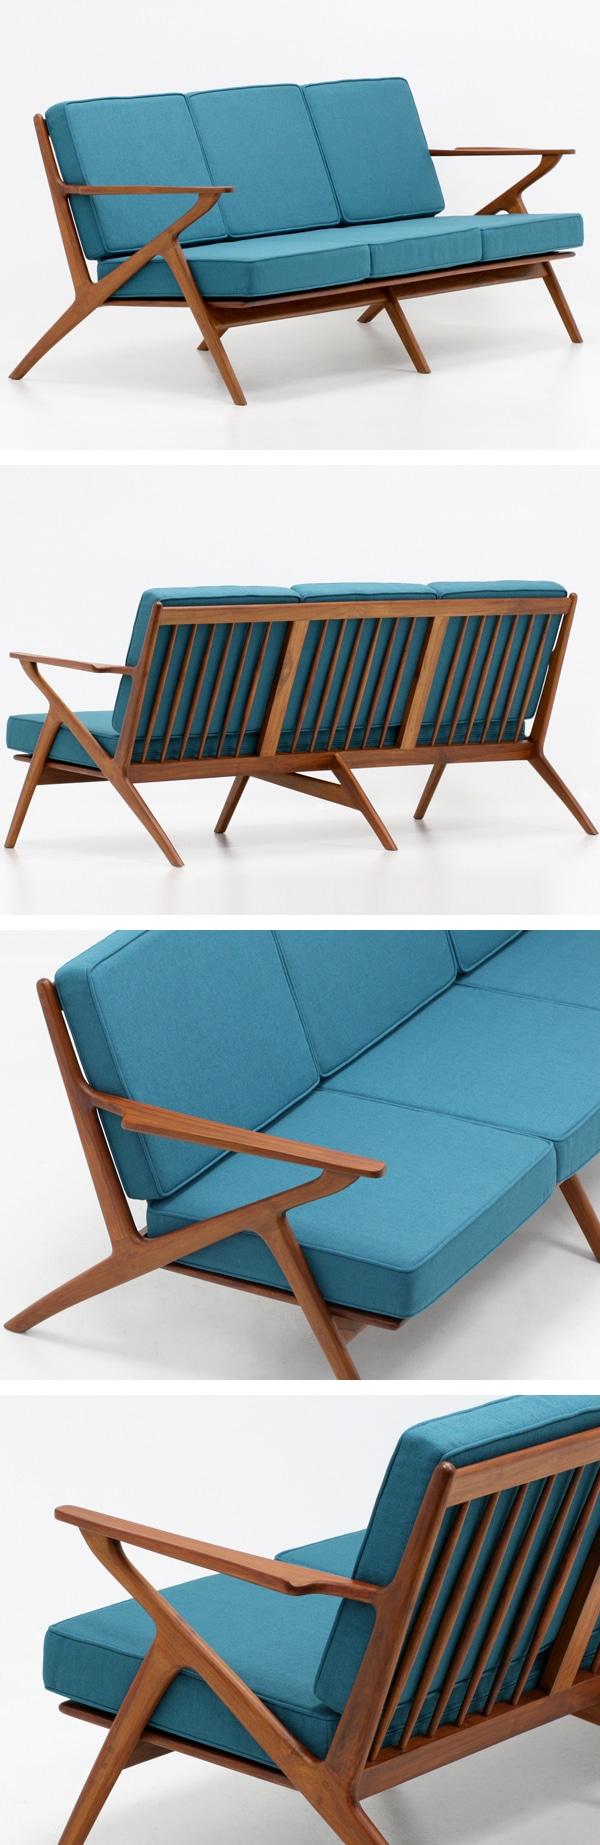 北欧デザイン家具,Klokken,クロッケン,チーク材,3人掛けソファ,ブルーグリーン